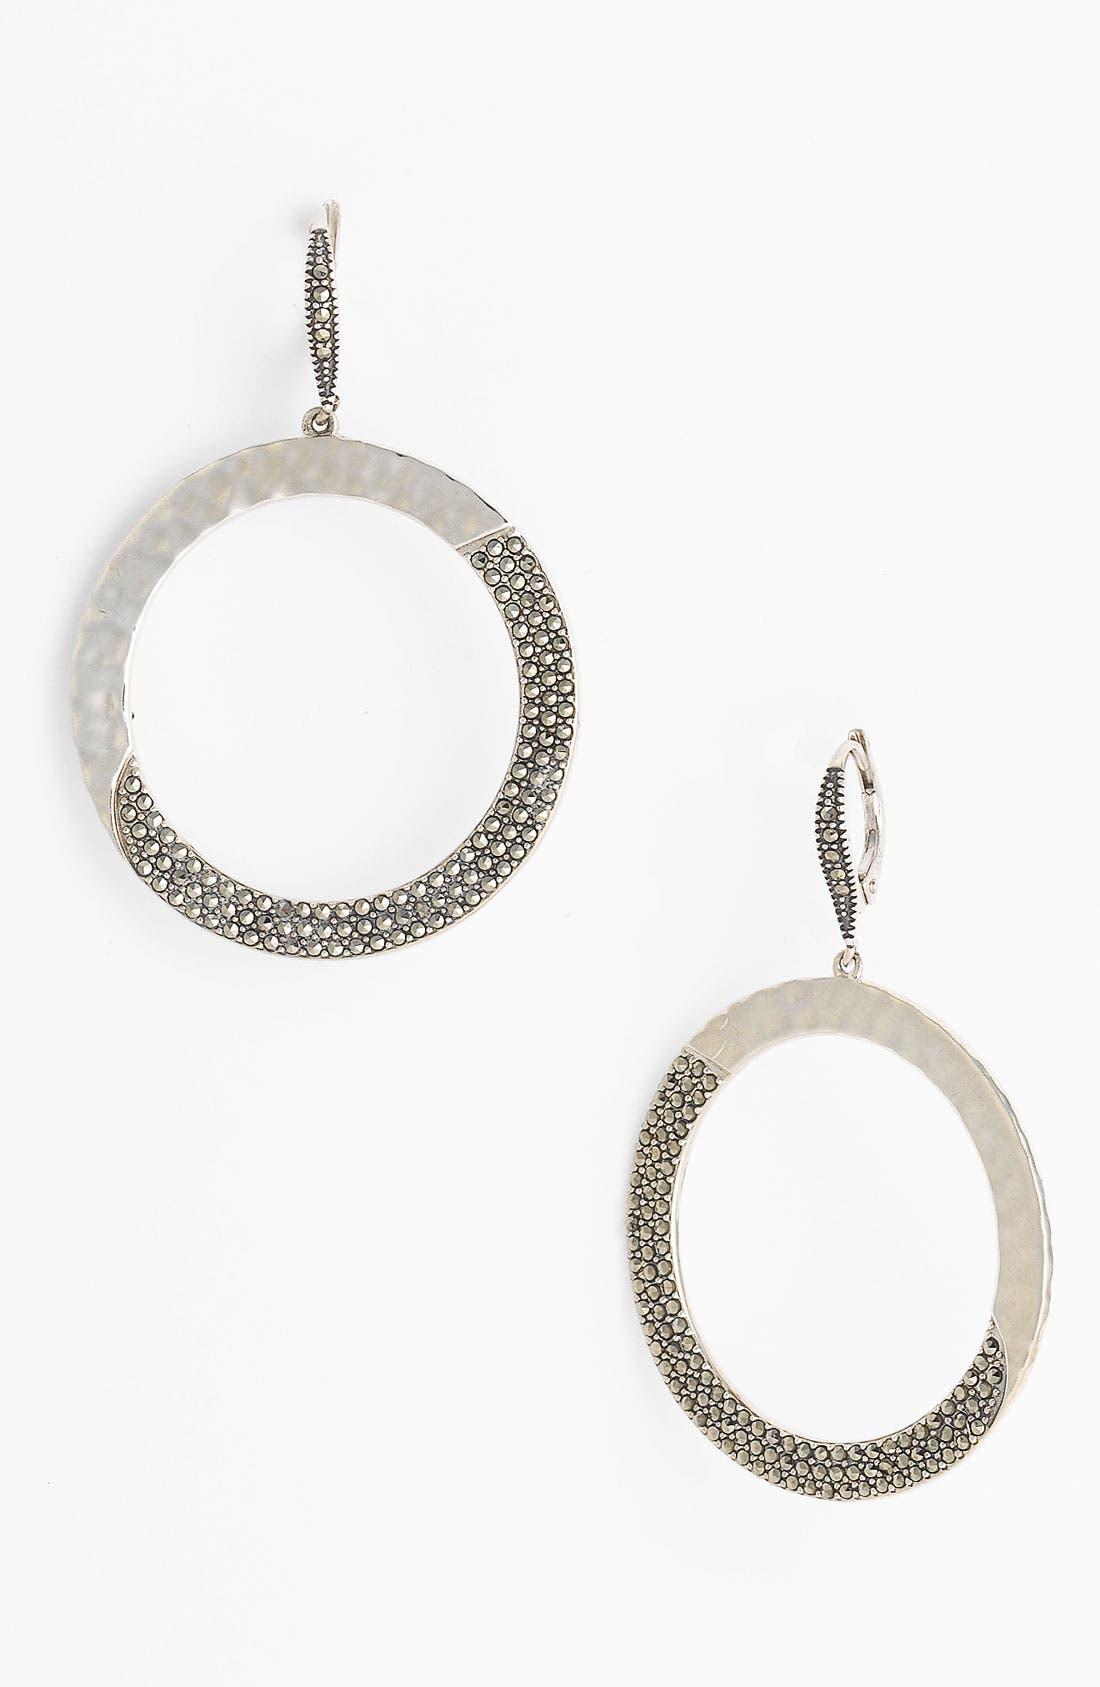 Main Image - Judith Jack 'Gold Sea' Frontal Hoop Earrings